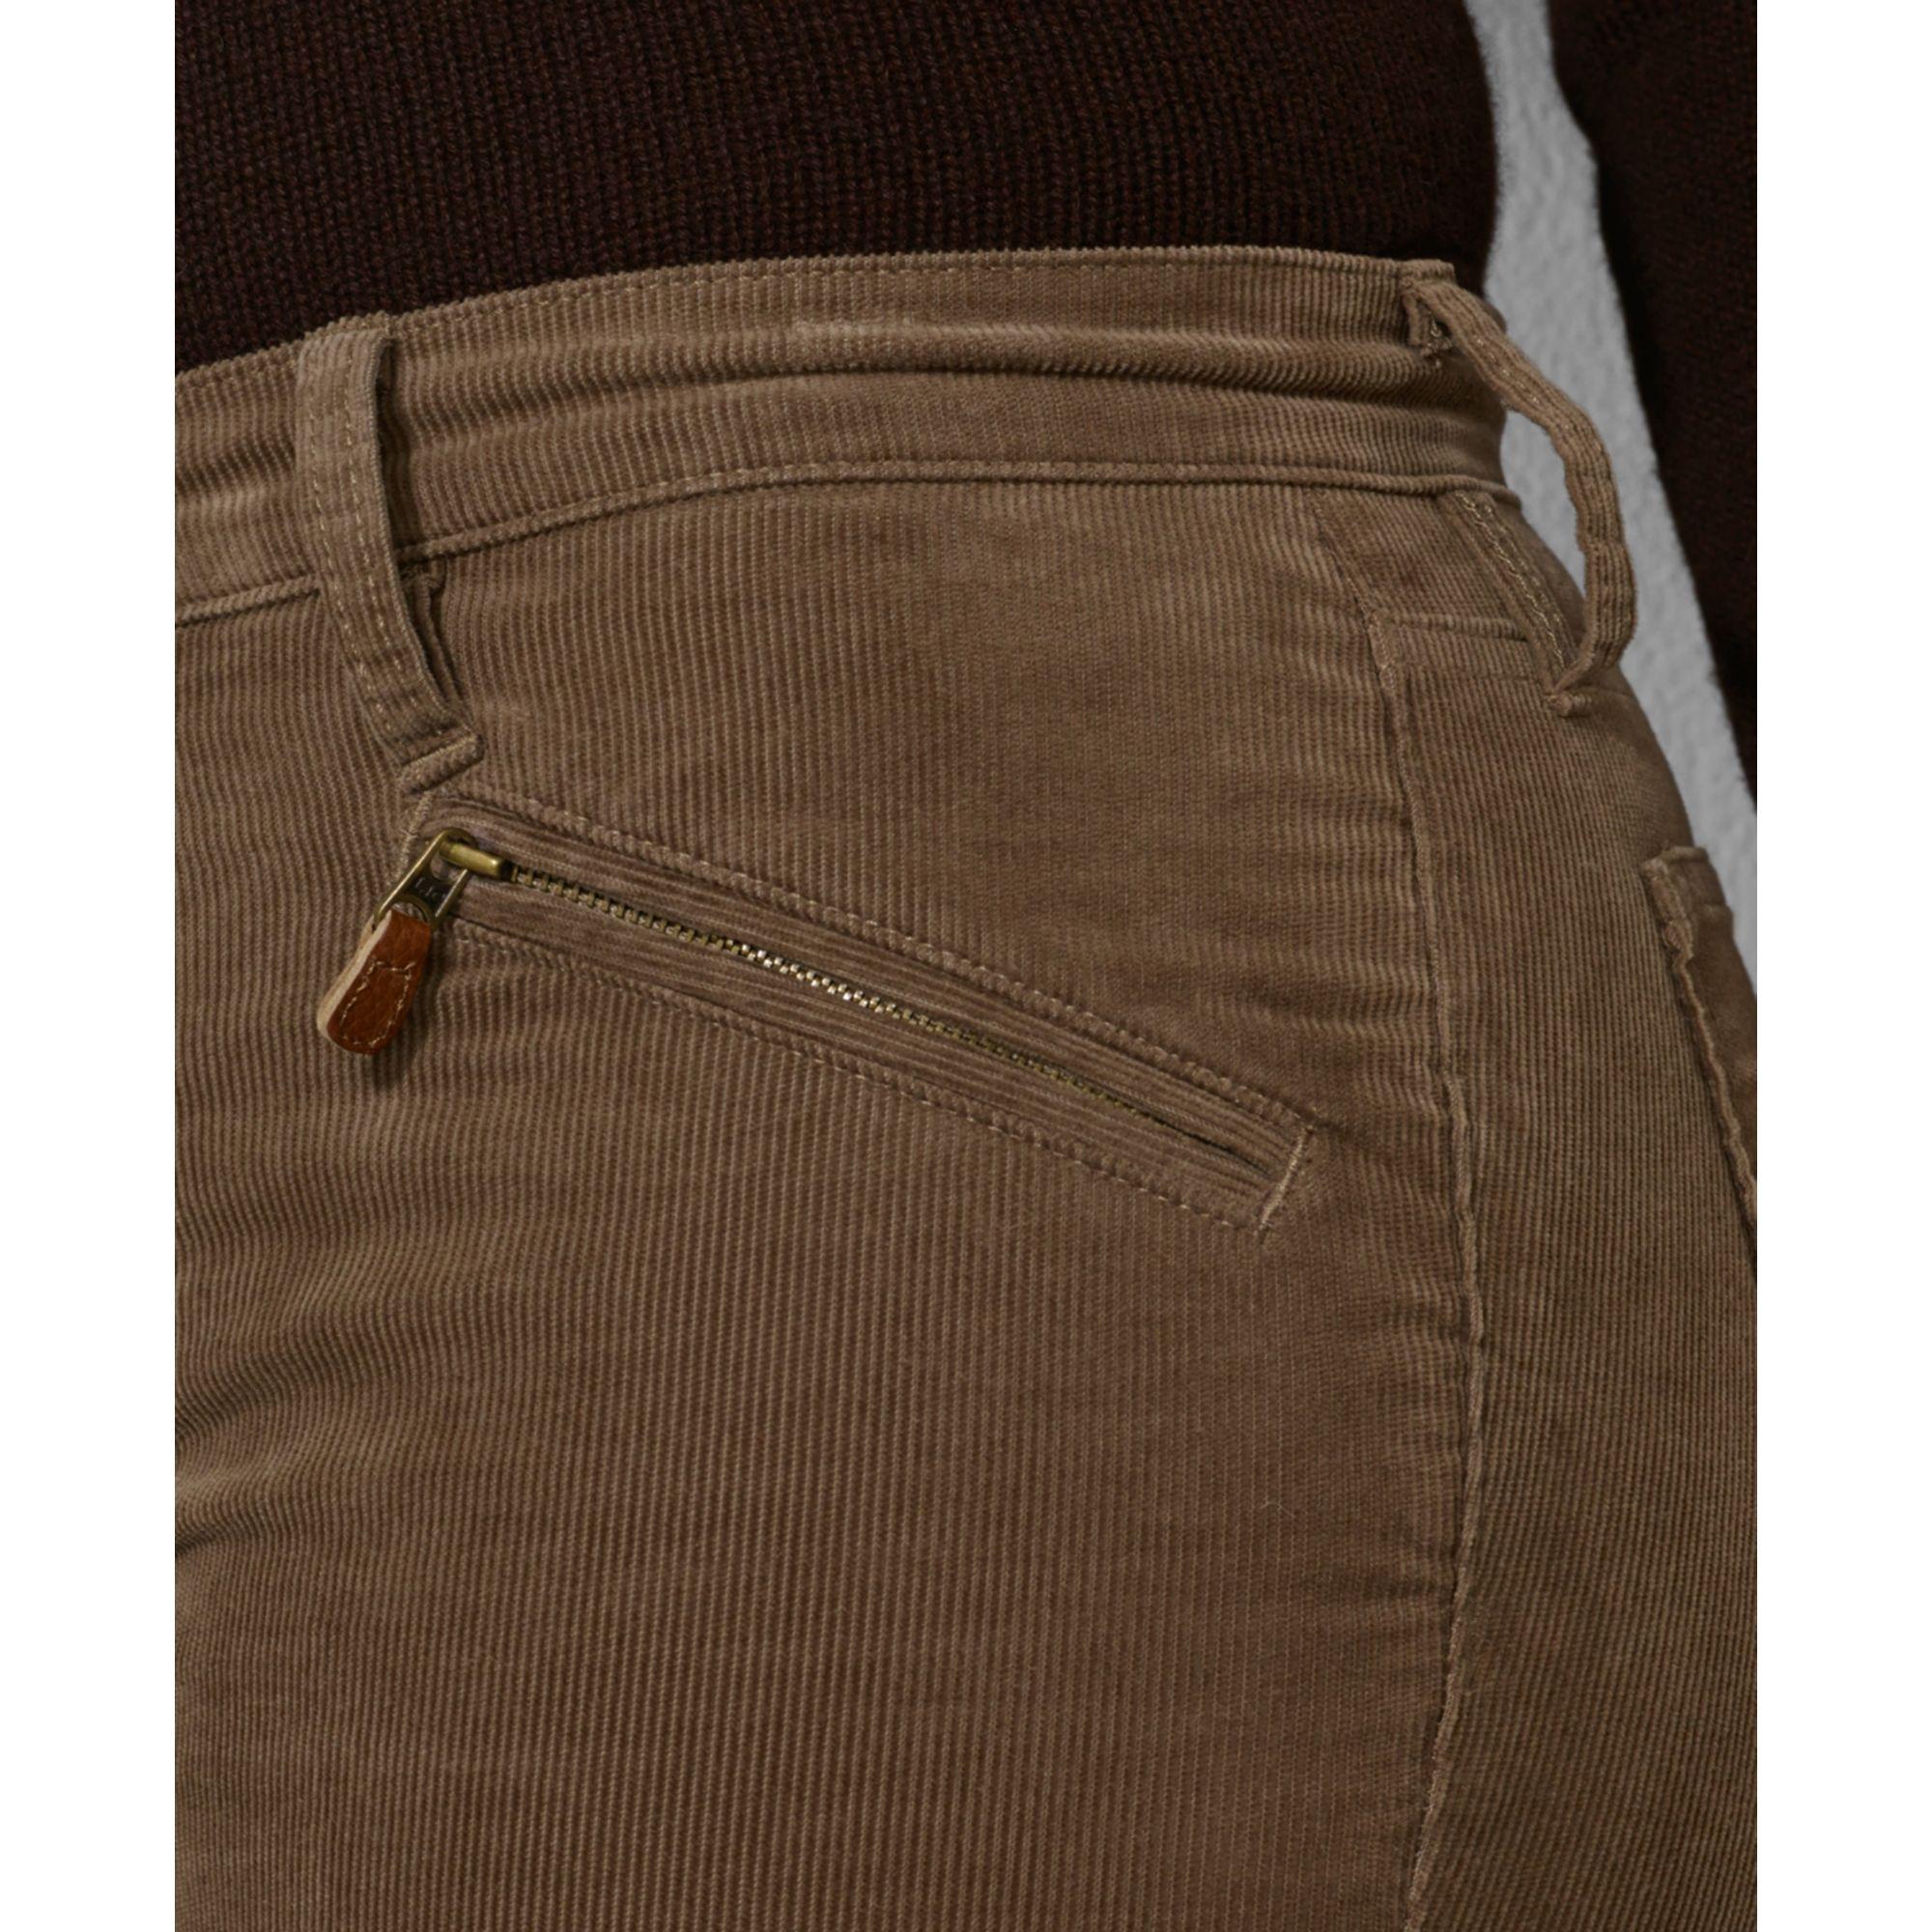 Lauren by ralph lauren Plus Size Straight leg Corduroy Pants in ...